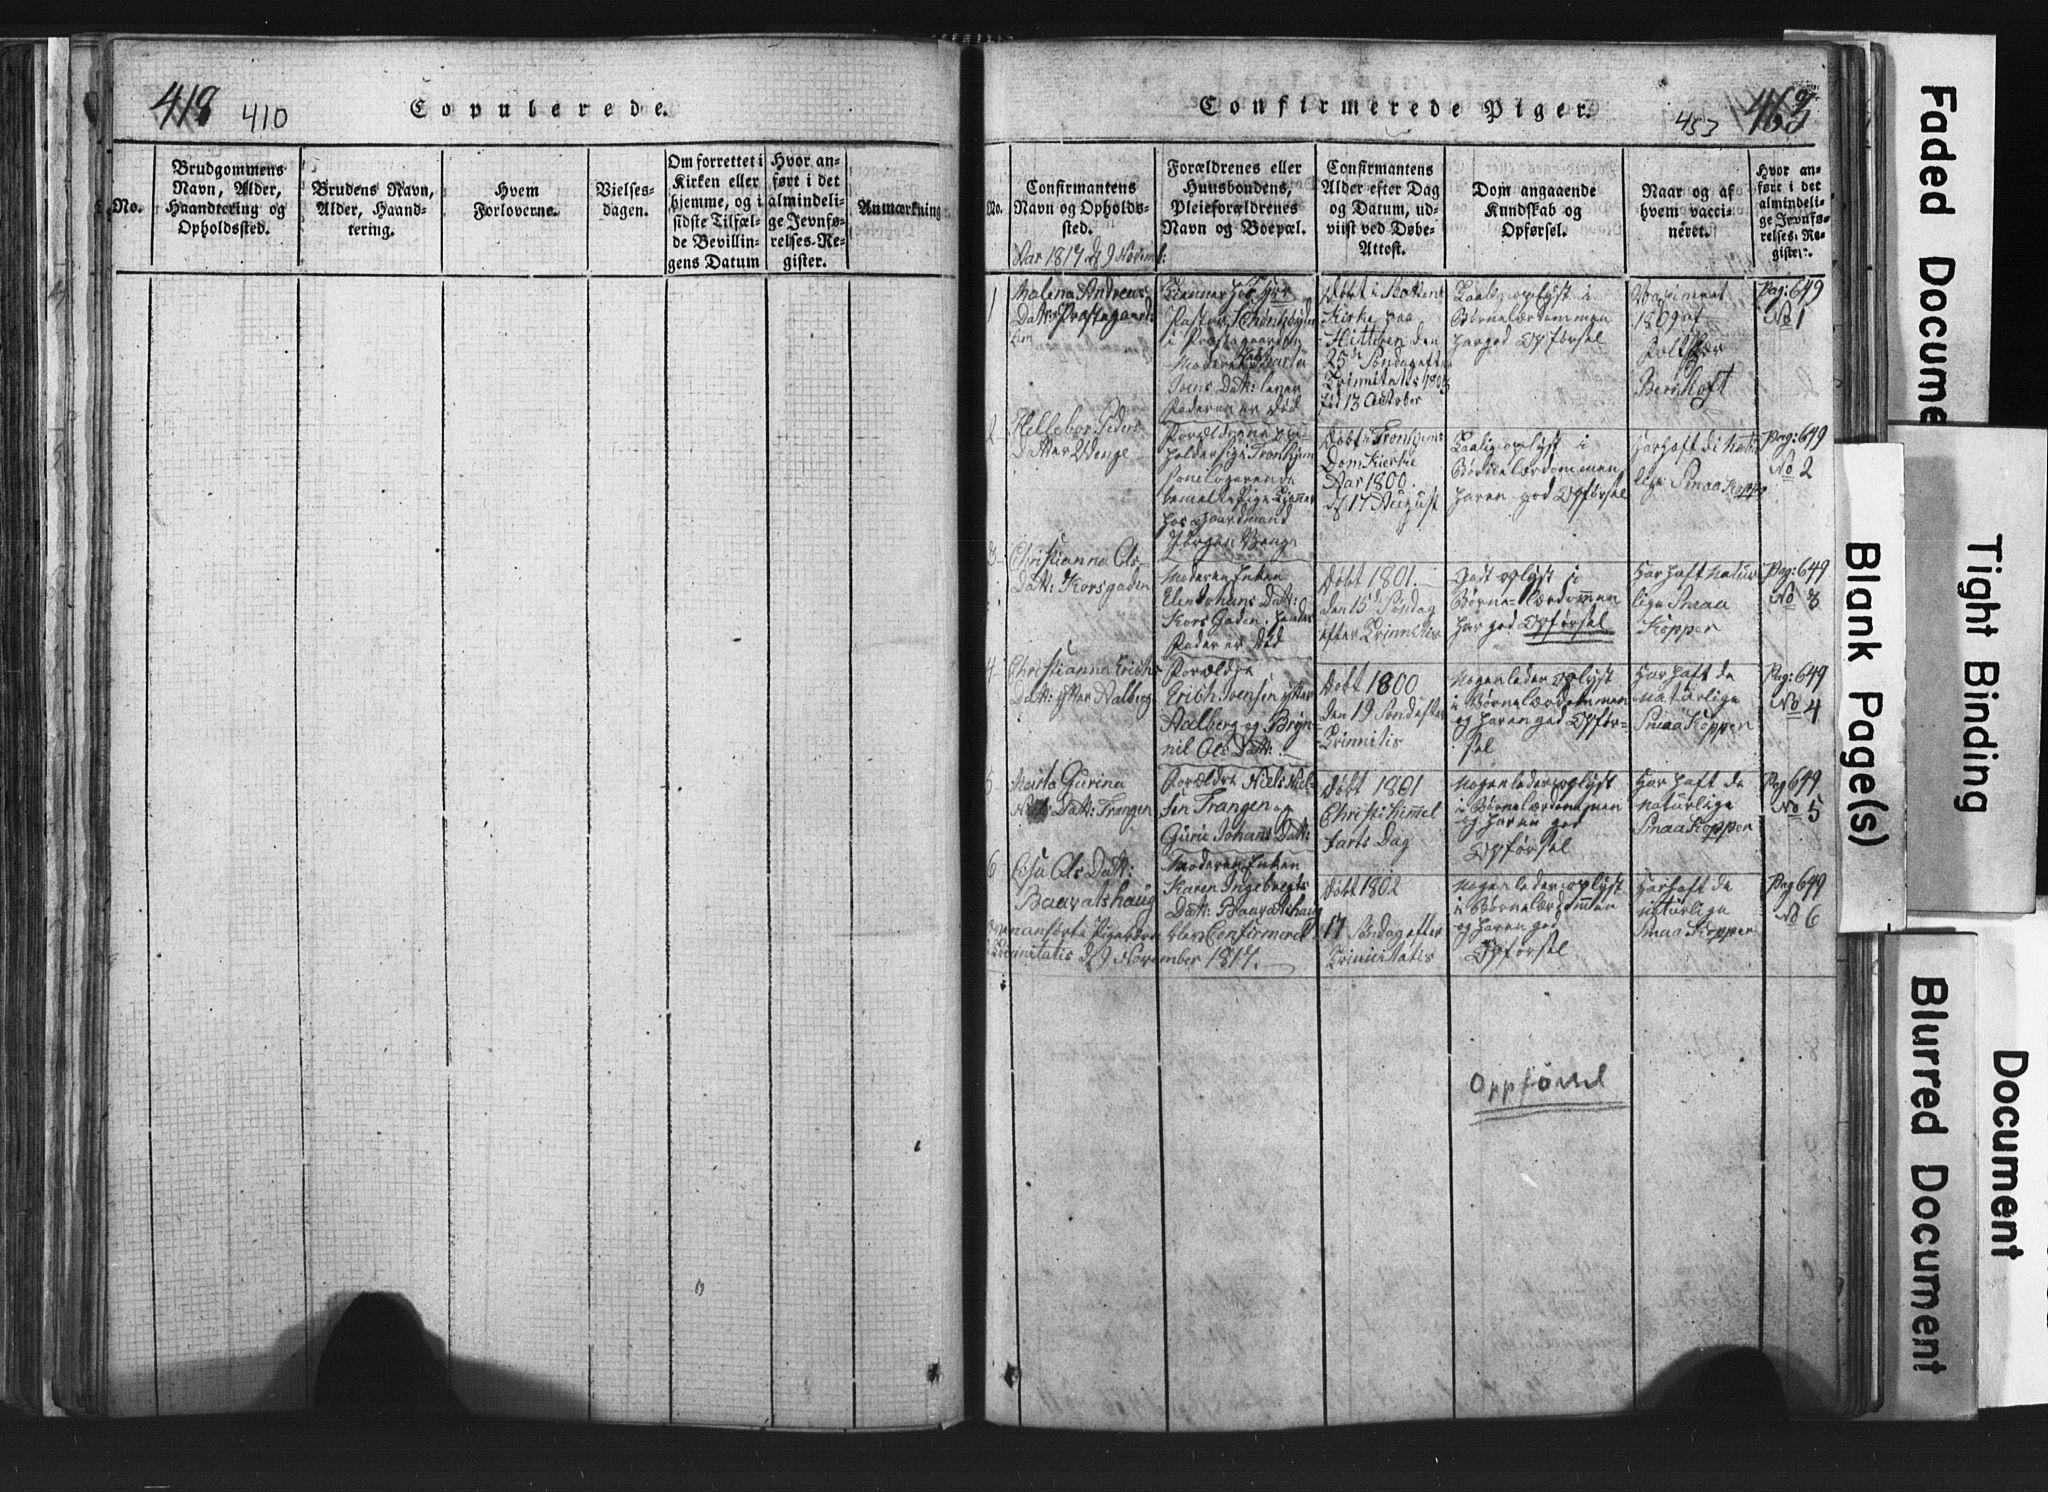 SAT, Ministerialprotokoller, klokkerbøker og fødselsregistre - Nord-Trøndelag, 701/L0017: Klokkerbok nr. 701C01, 1817-1825, s. 450-451